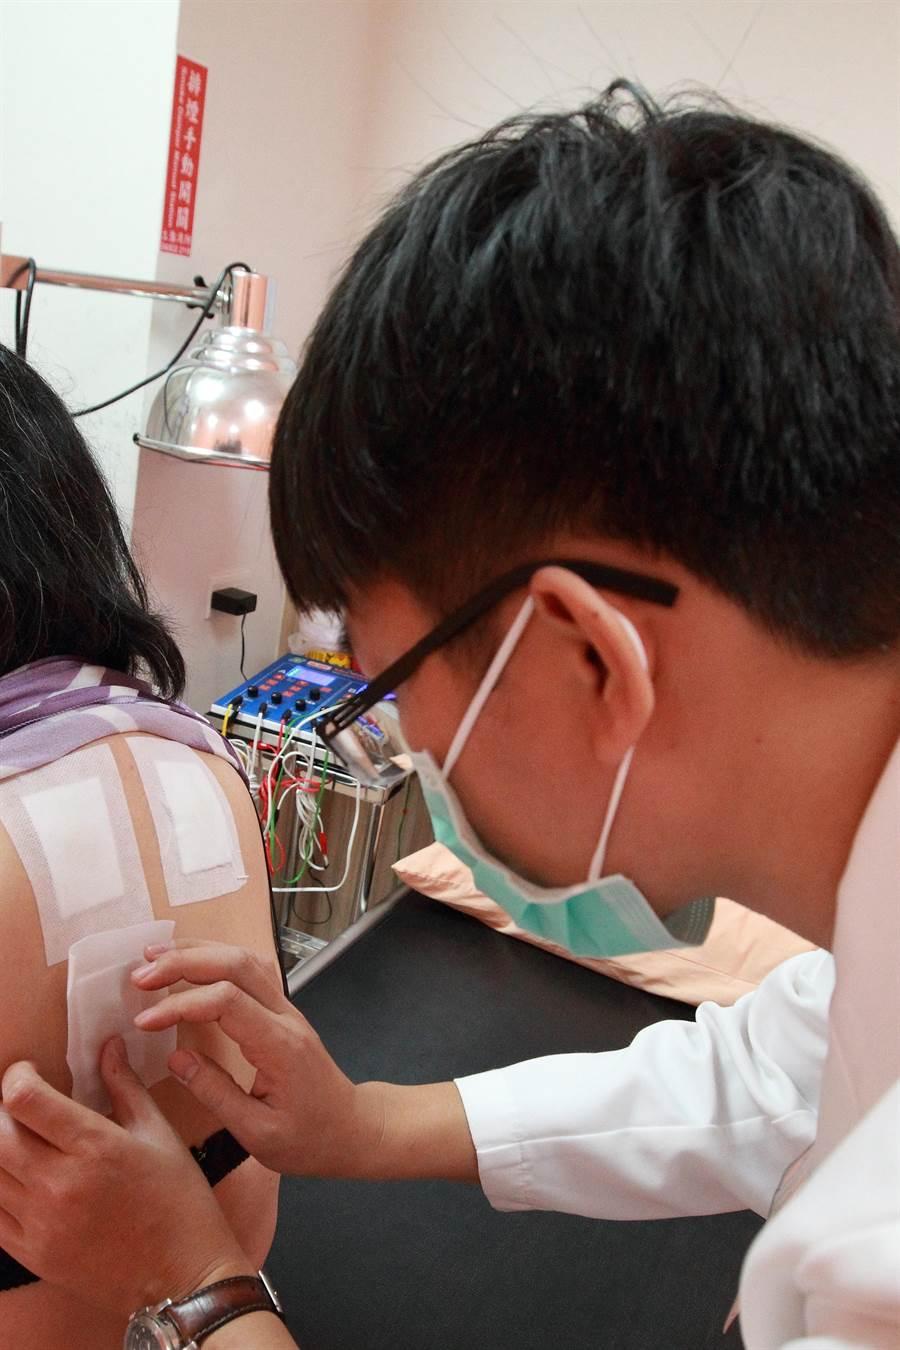 三伏灸治療是中醫依據廿四節氣的排定,可藉由穴位敷貼療法改善體質與症狀,提高免疫力,降低感冒頻率。(吳敏菁攝)